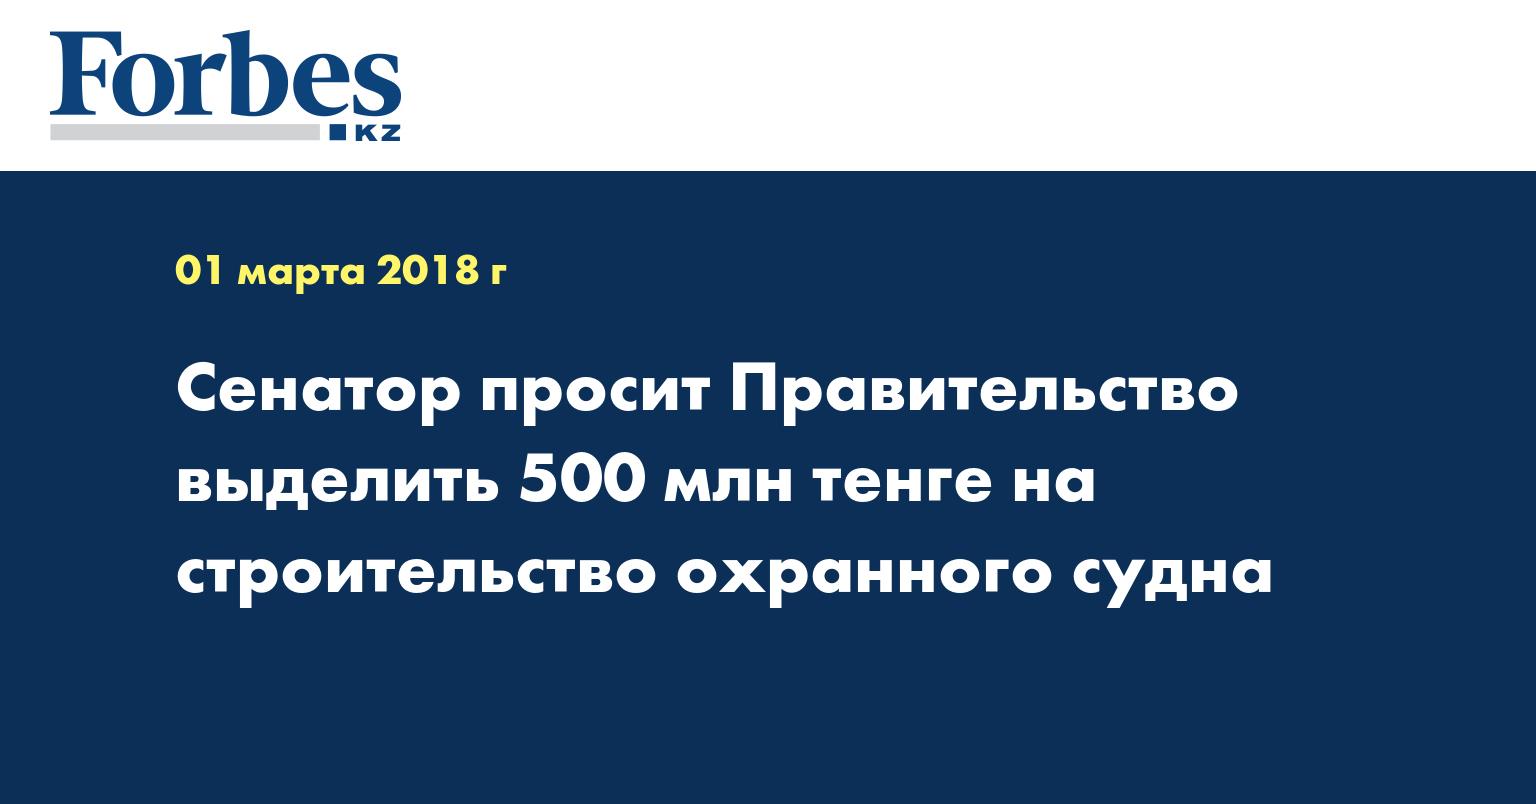 Сенатор просит правительство выделить 500 млн тенге на строительство охранного судна